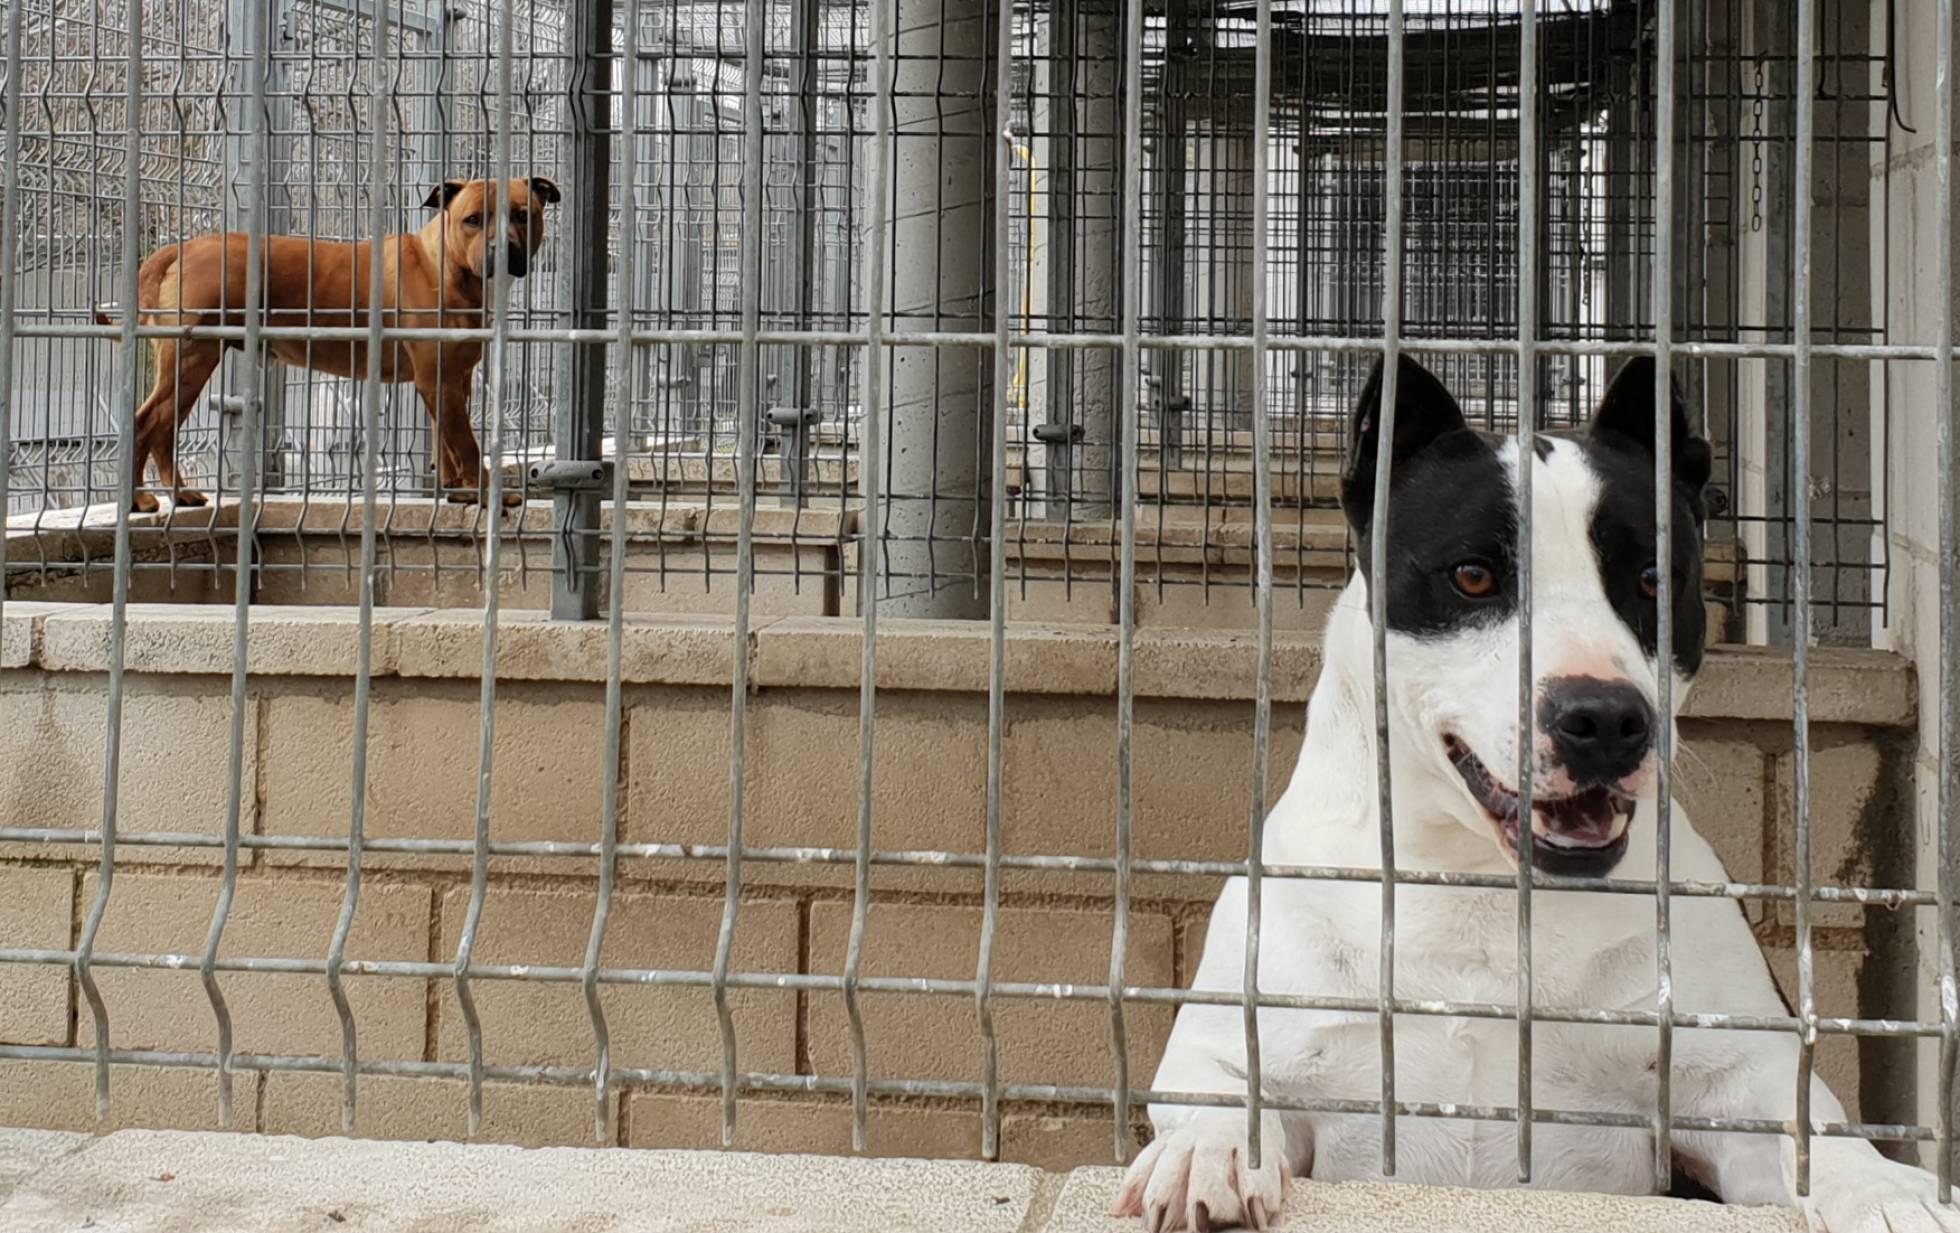 Проблема потенциально опасных пород собак в приютах для животных Мадрида